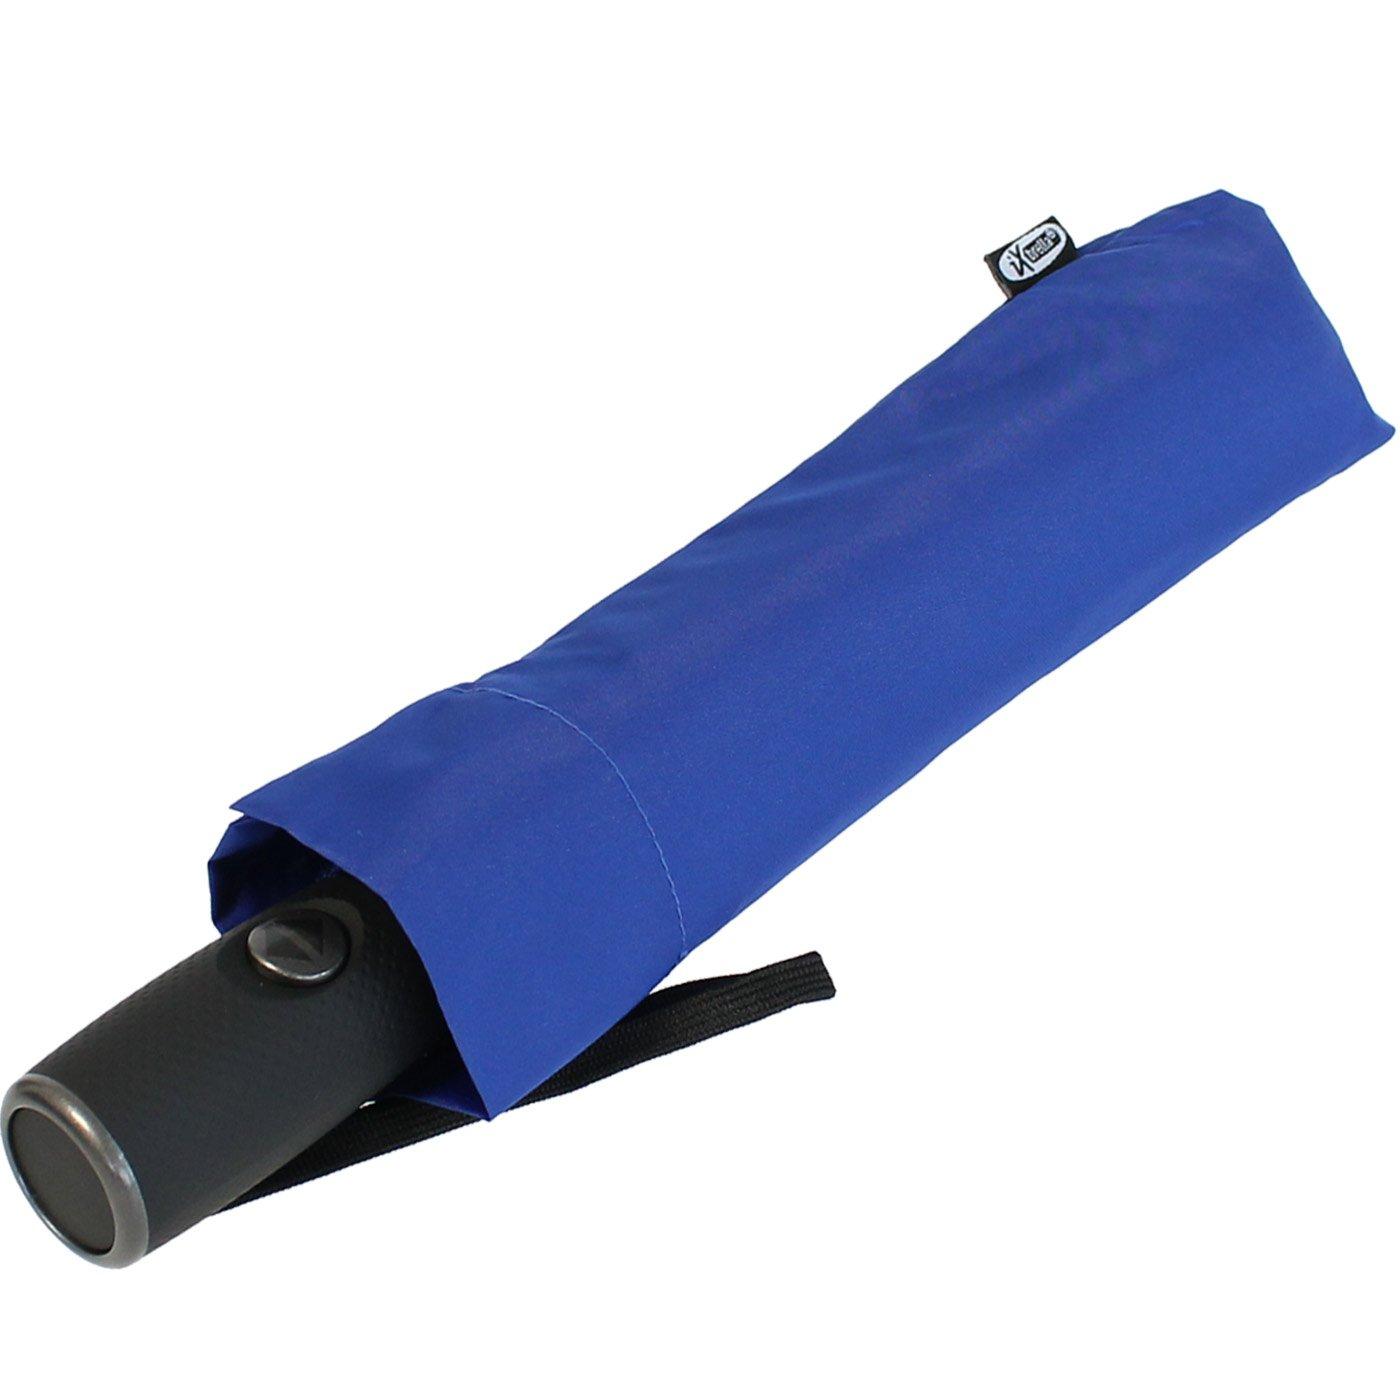 XXL parapluie de poche pour homme et femme–FULL Class 122cm Grand Toit avec et fermeture automatique Bleu bleu 122 cm